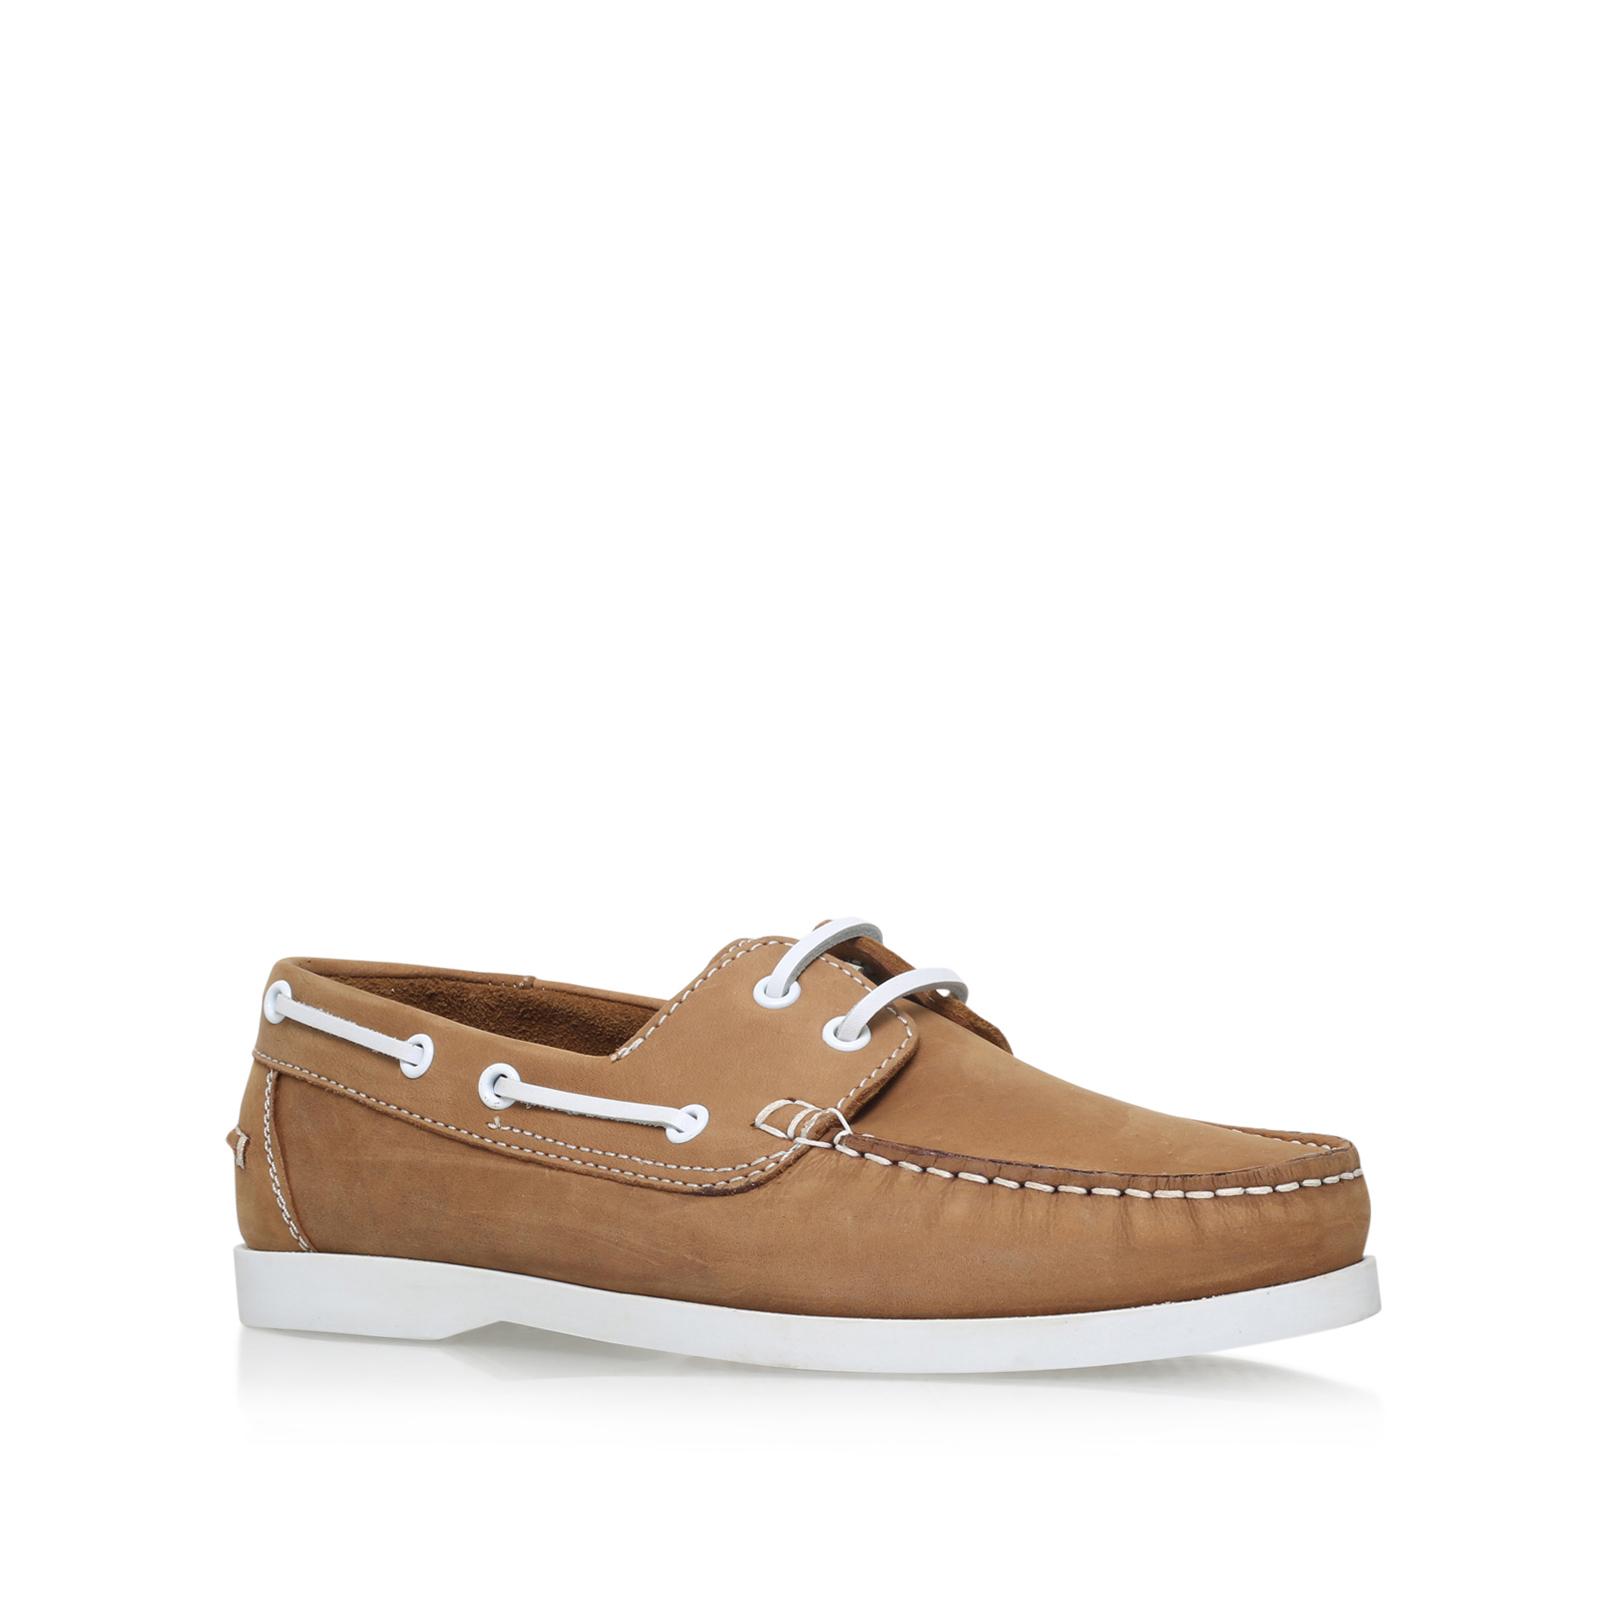 Kg Felton Lace Up Deck Shoes